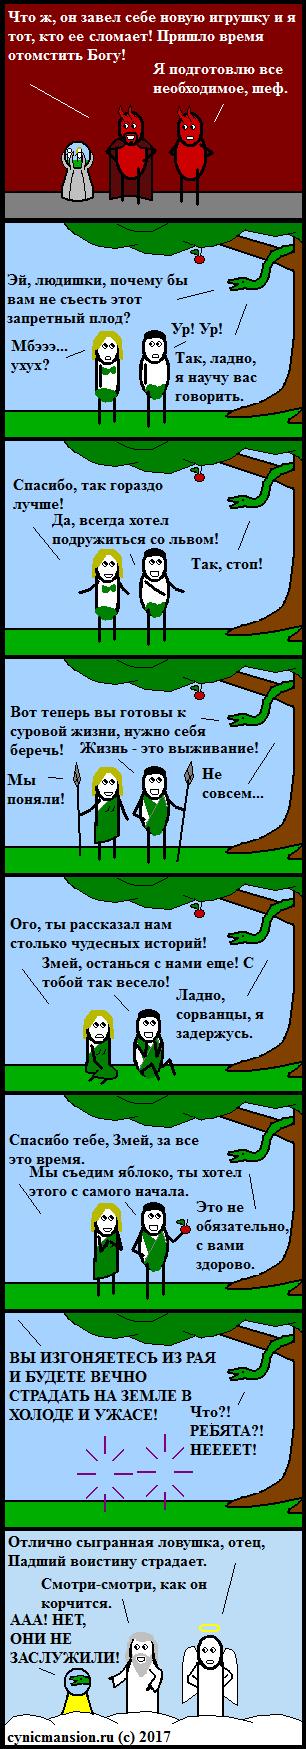 Эдемское Cynicmansion, Комиксы, Эдем, Сатана, Адам и Ева, Длиннопост